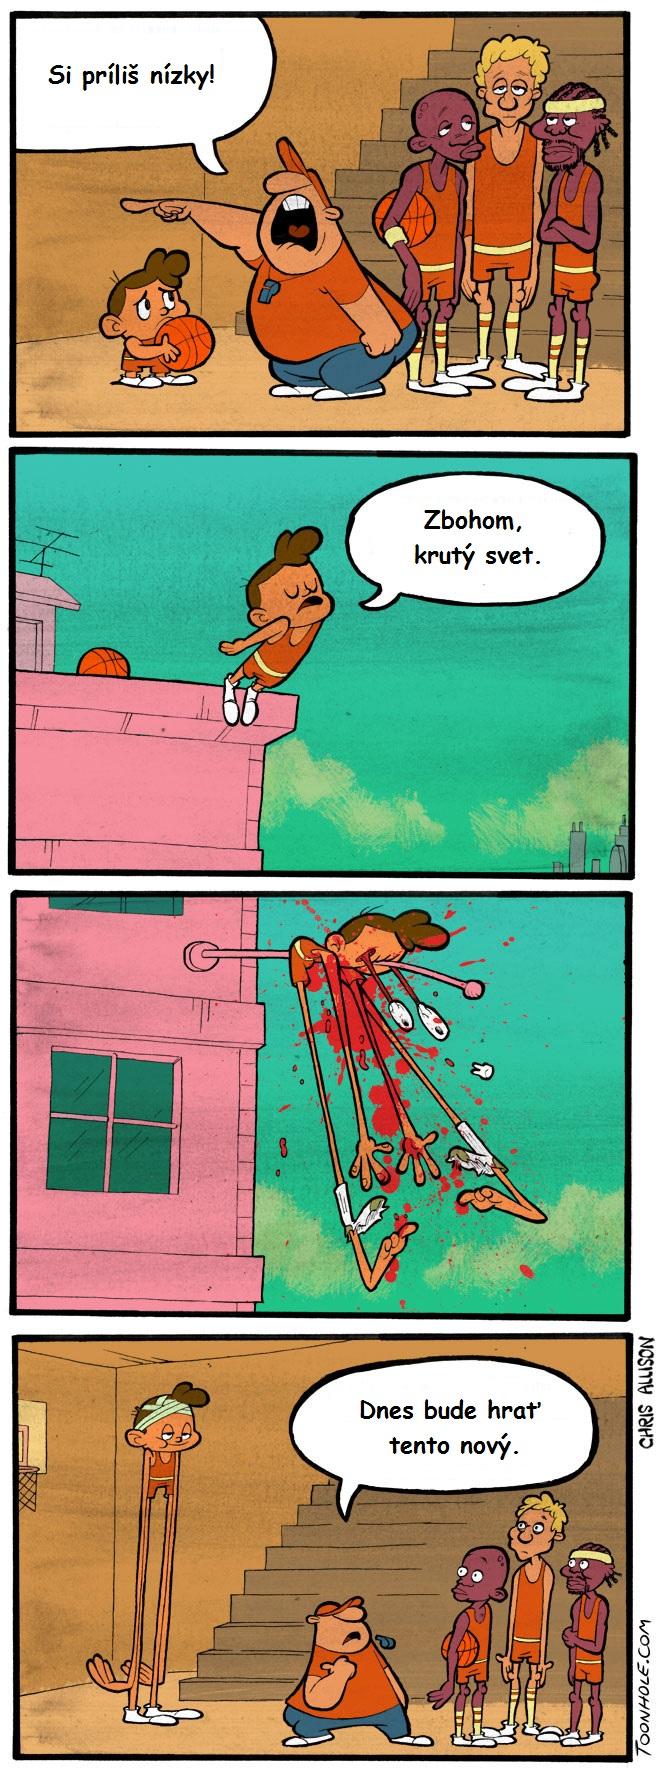 Príliš nízky na basketbal